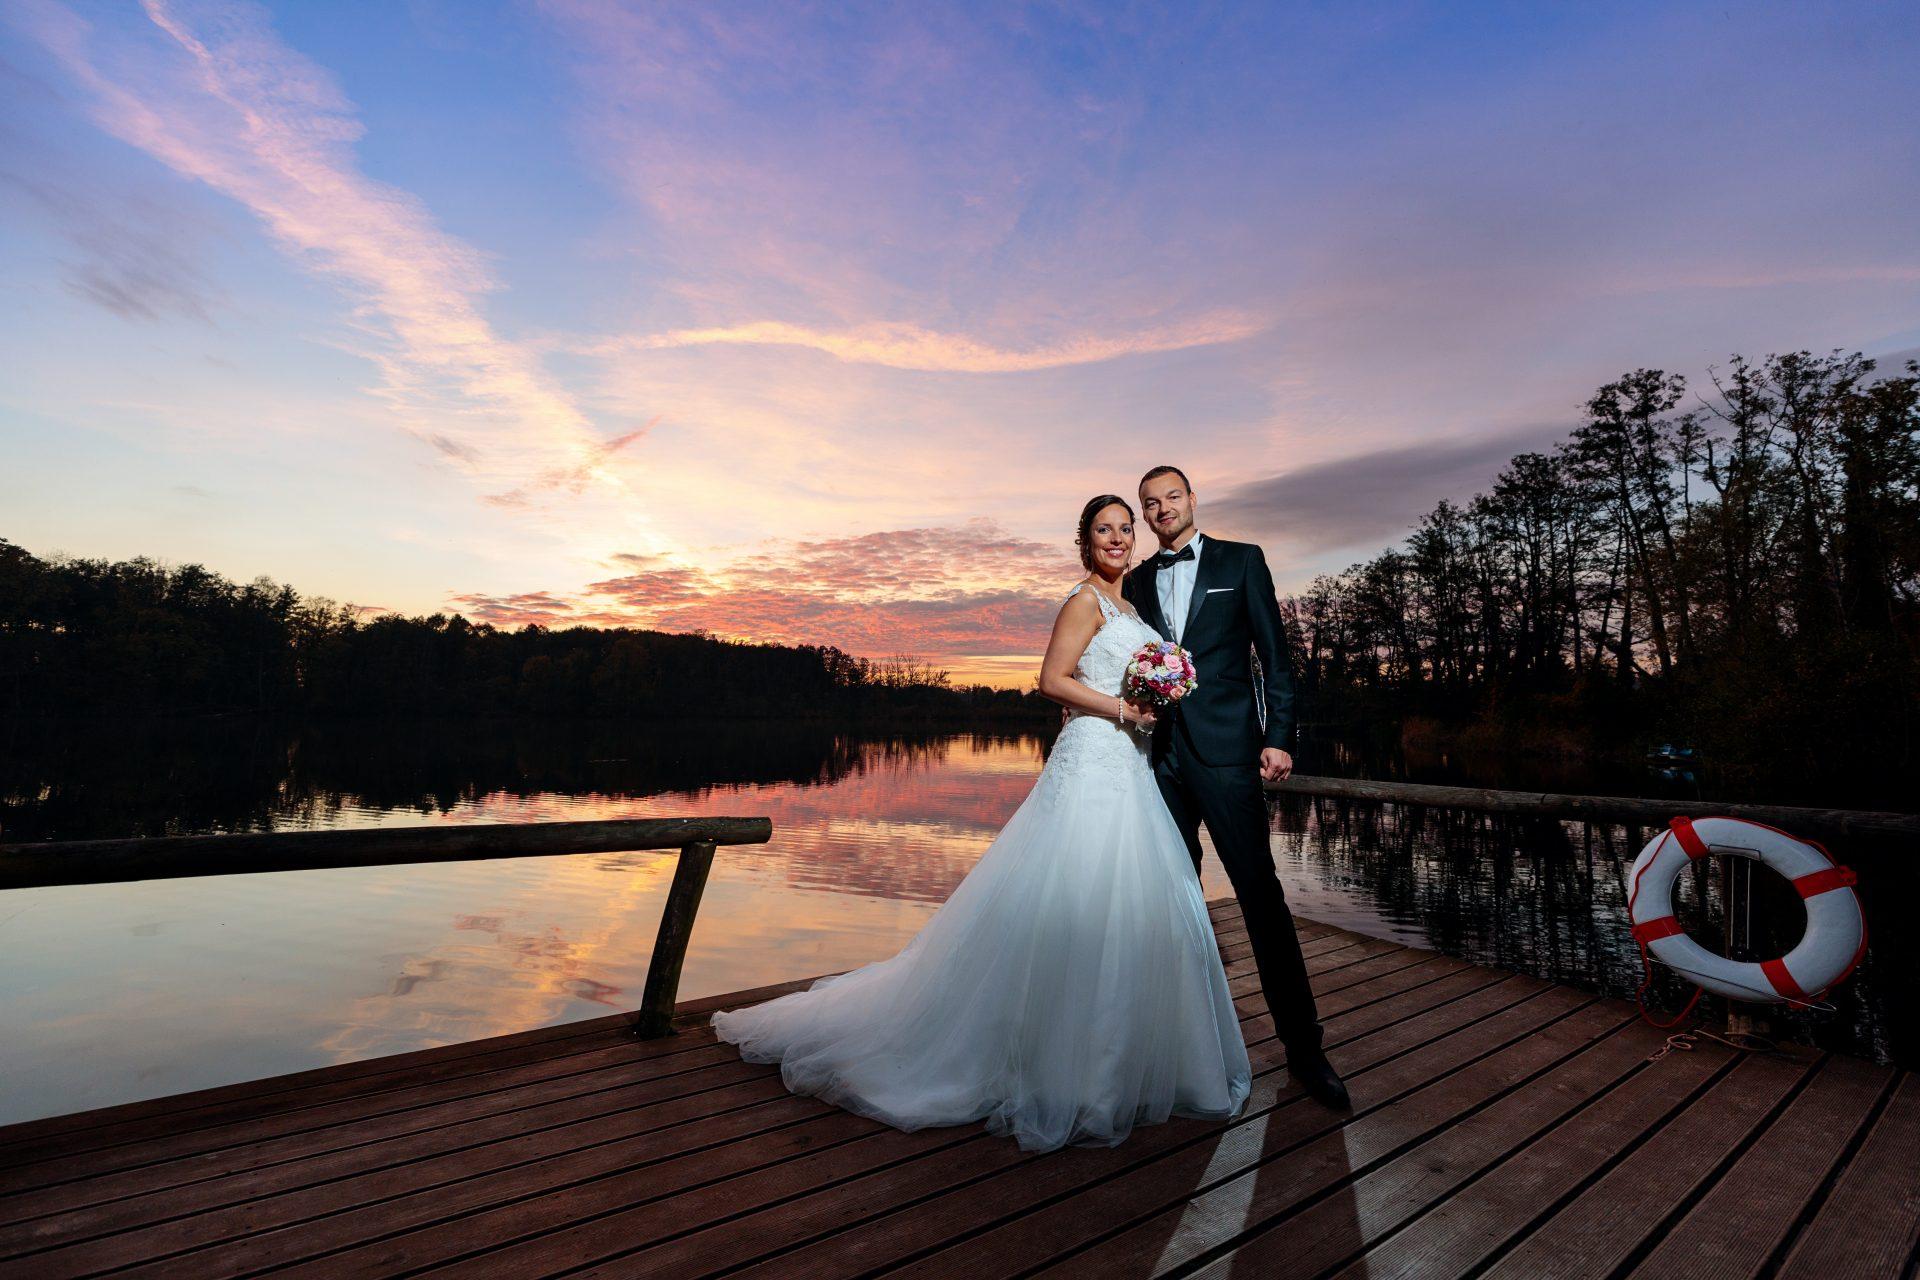 Brautpaar im herbstlichen Sonnenuntergang am Ufer vom Zum Rittmeister Kemnitz